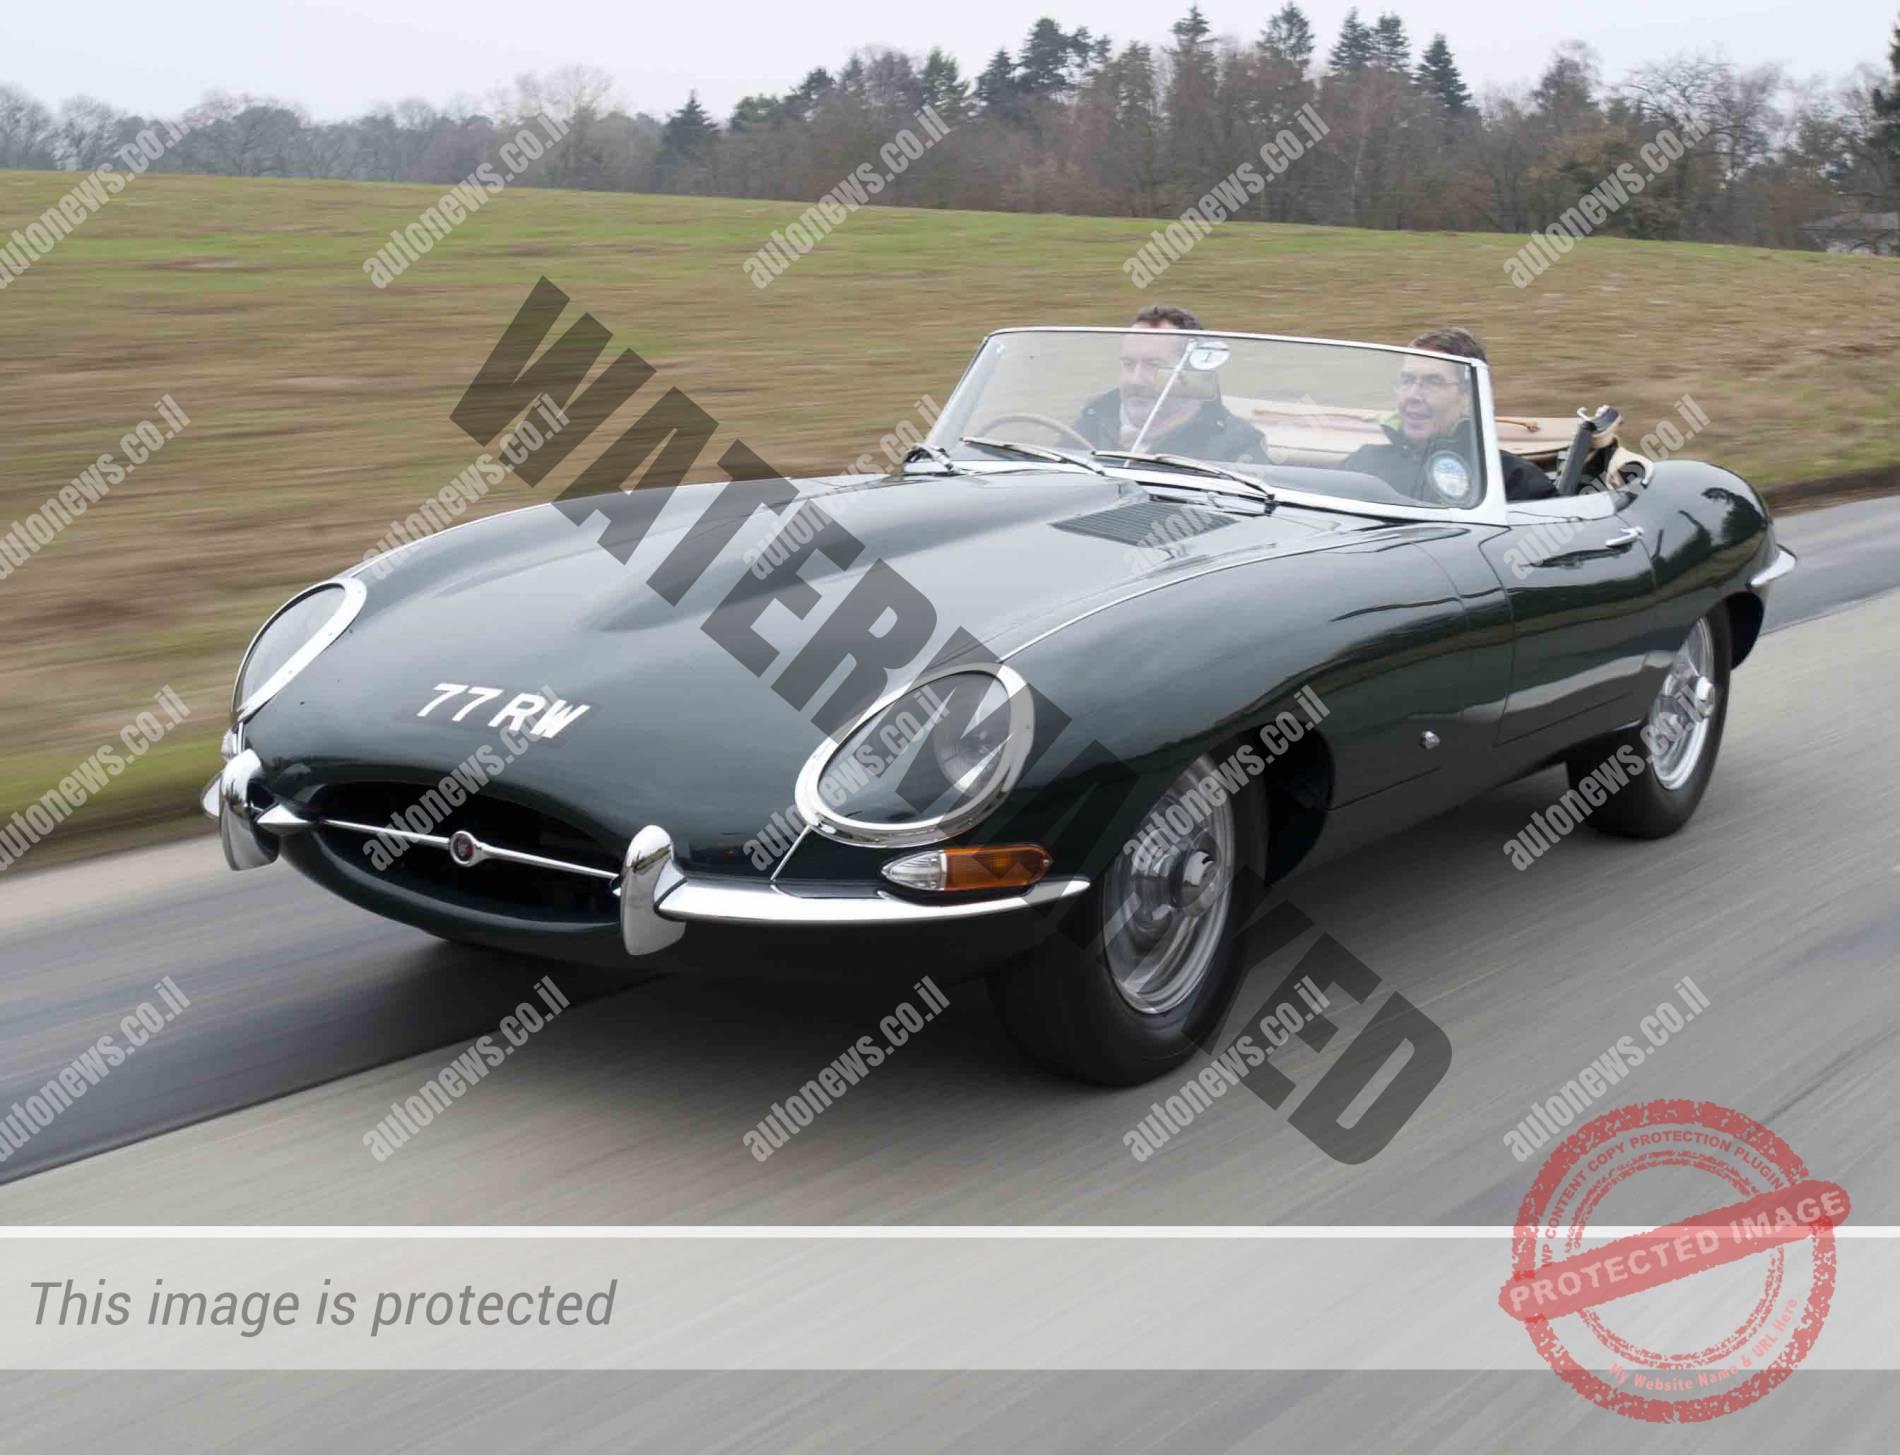 יגואר E-Type משנת 1961. הדגם שיושק השבוע הוא מסדרה 2 1970 (יגואר)